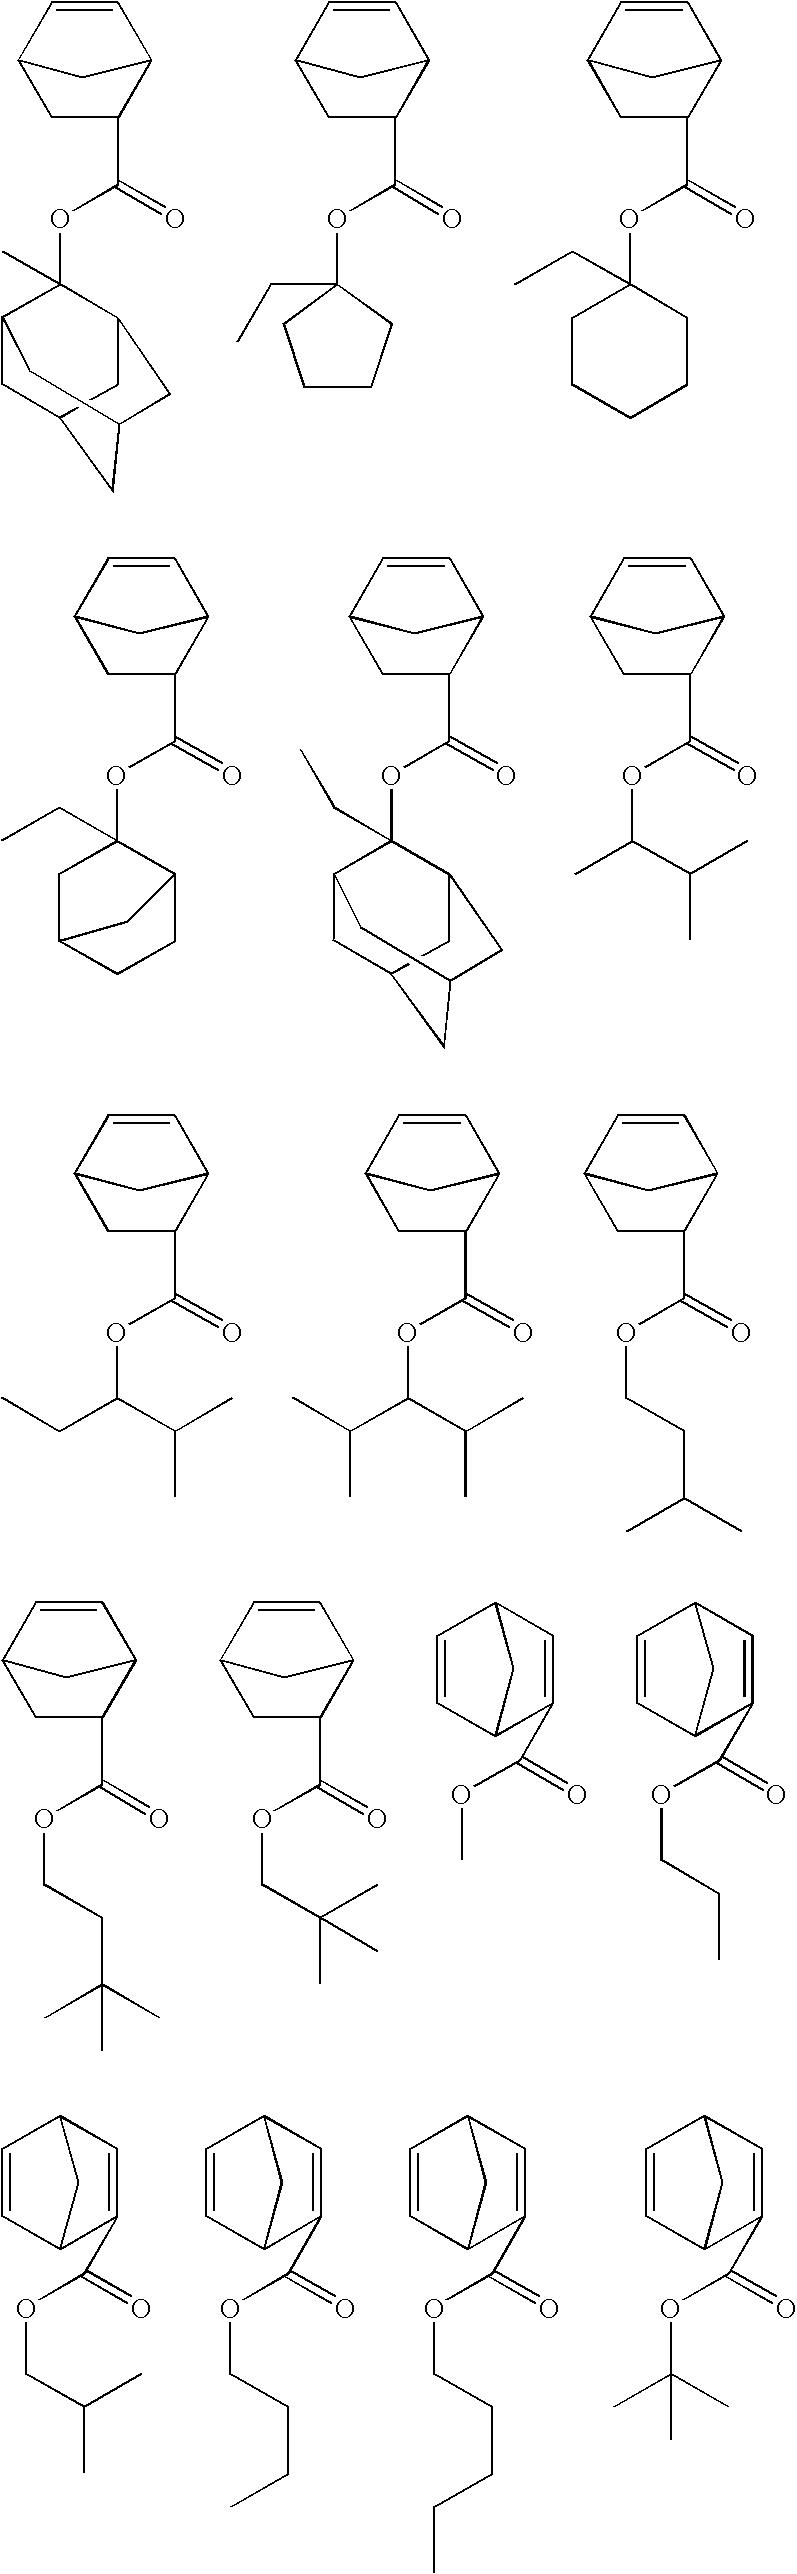 Figure US20090011365A1-20090108-C00099